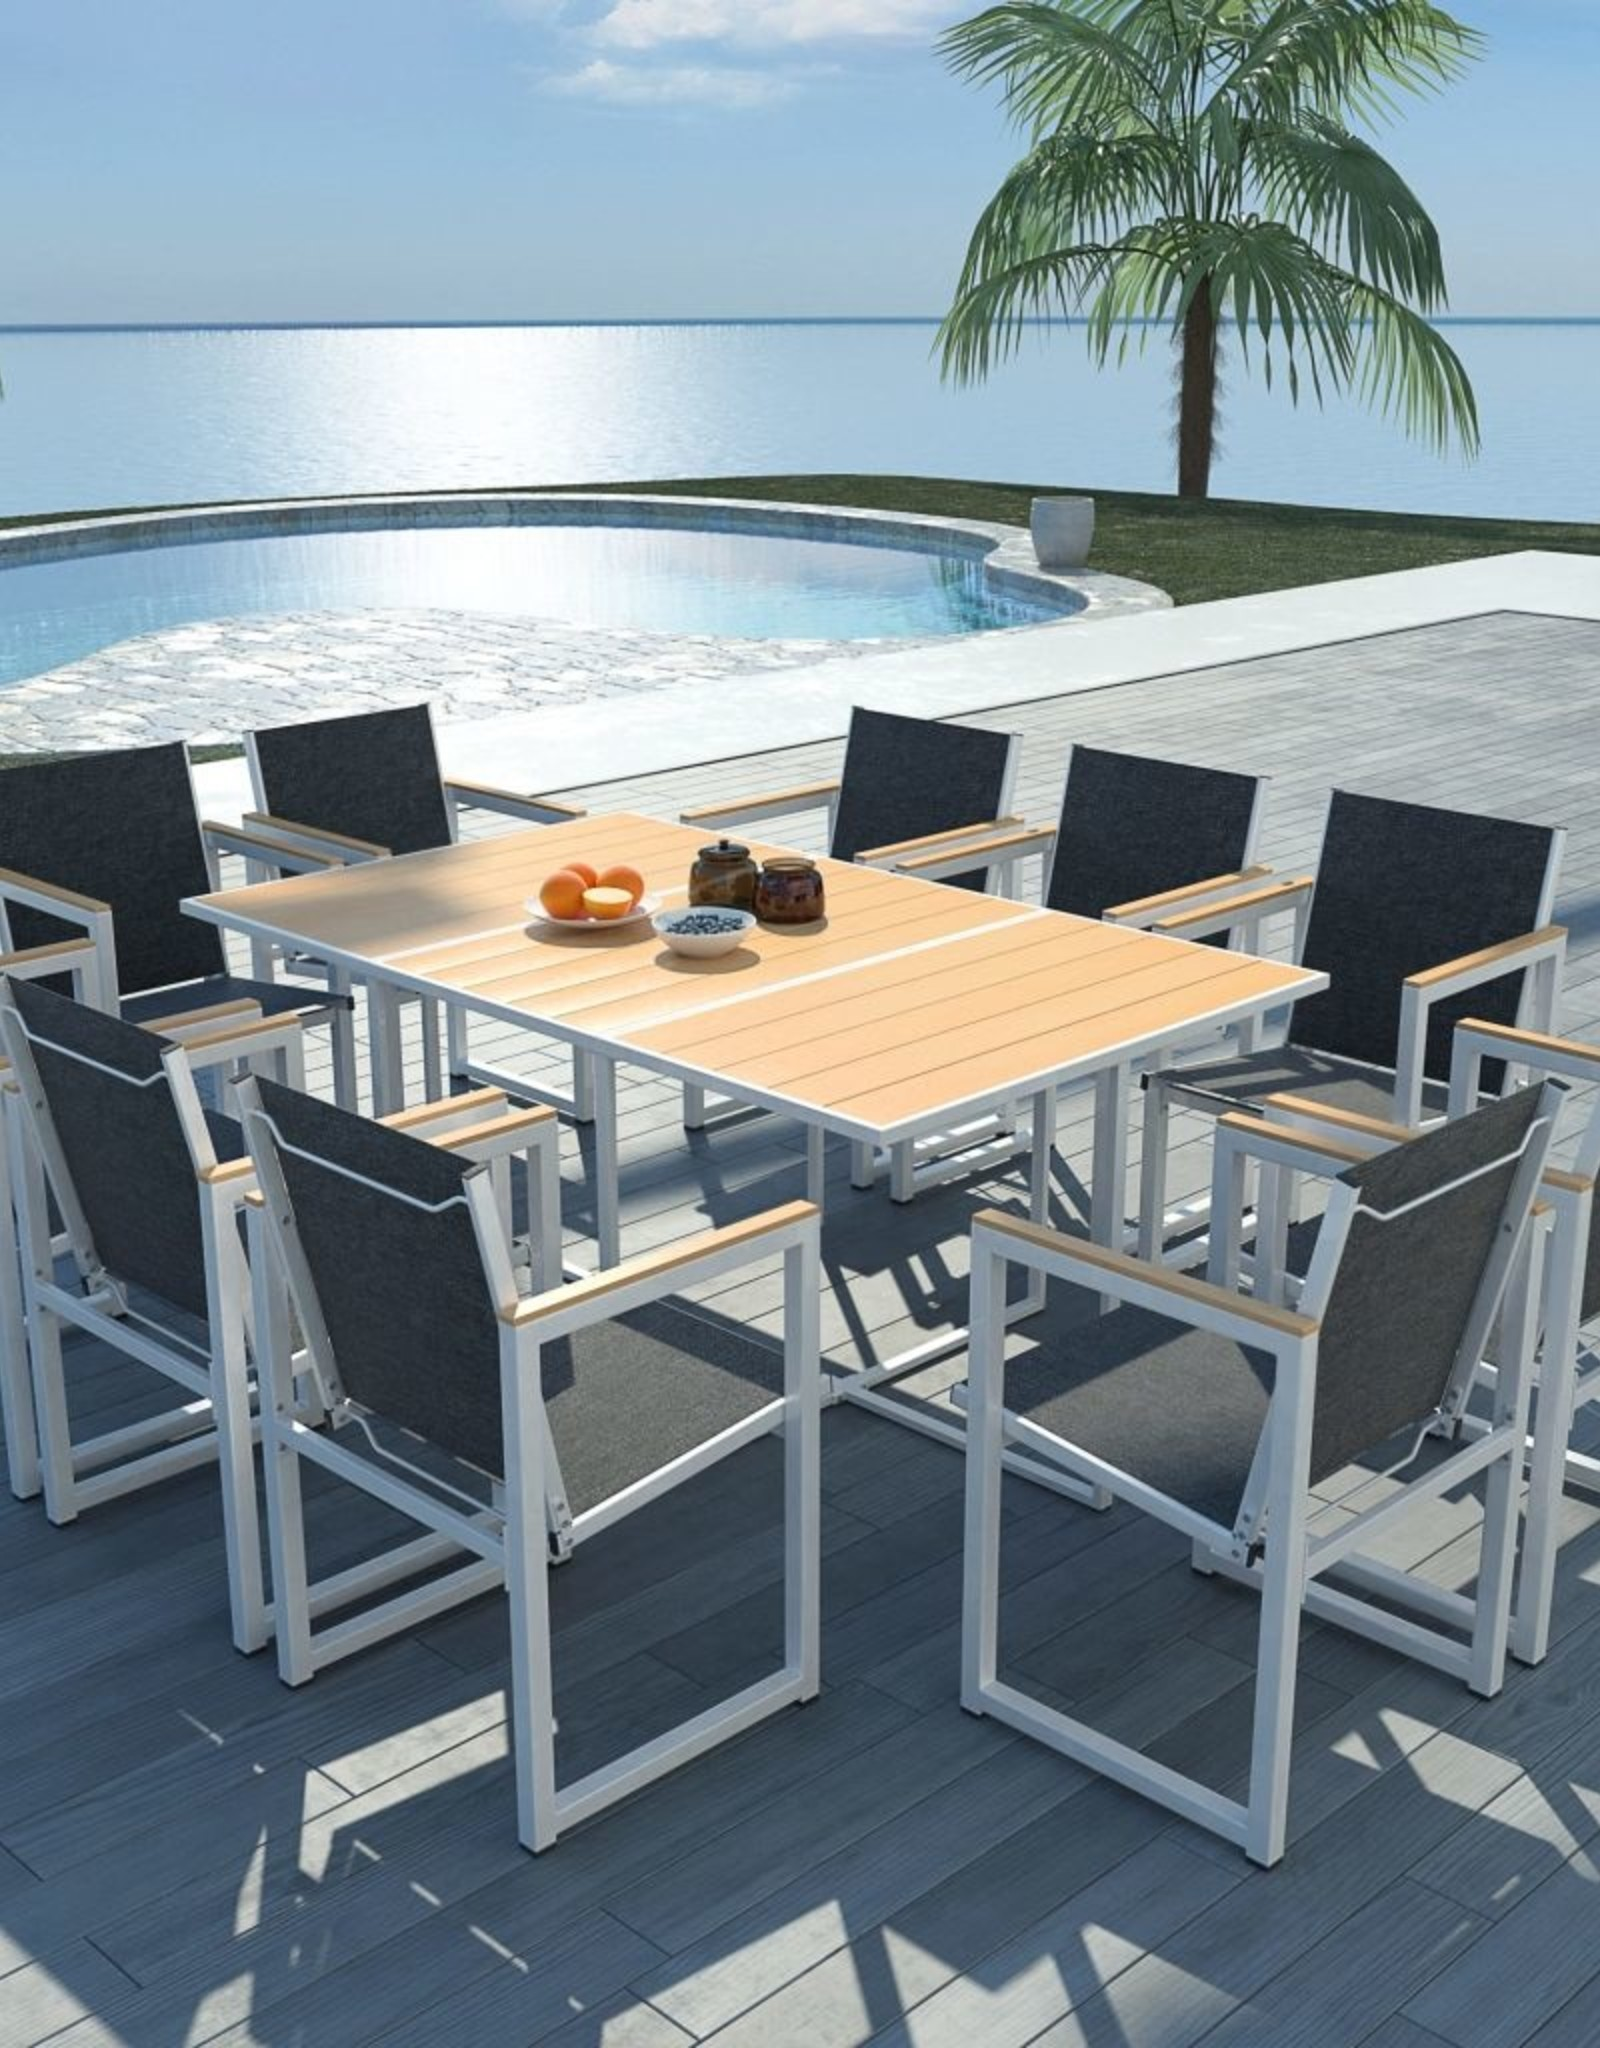 11-delige Tuinset met HKC tafelblad aluminium